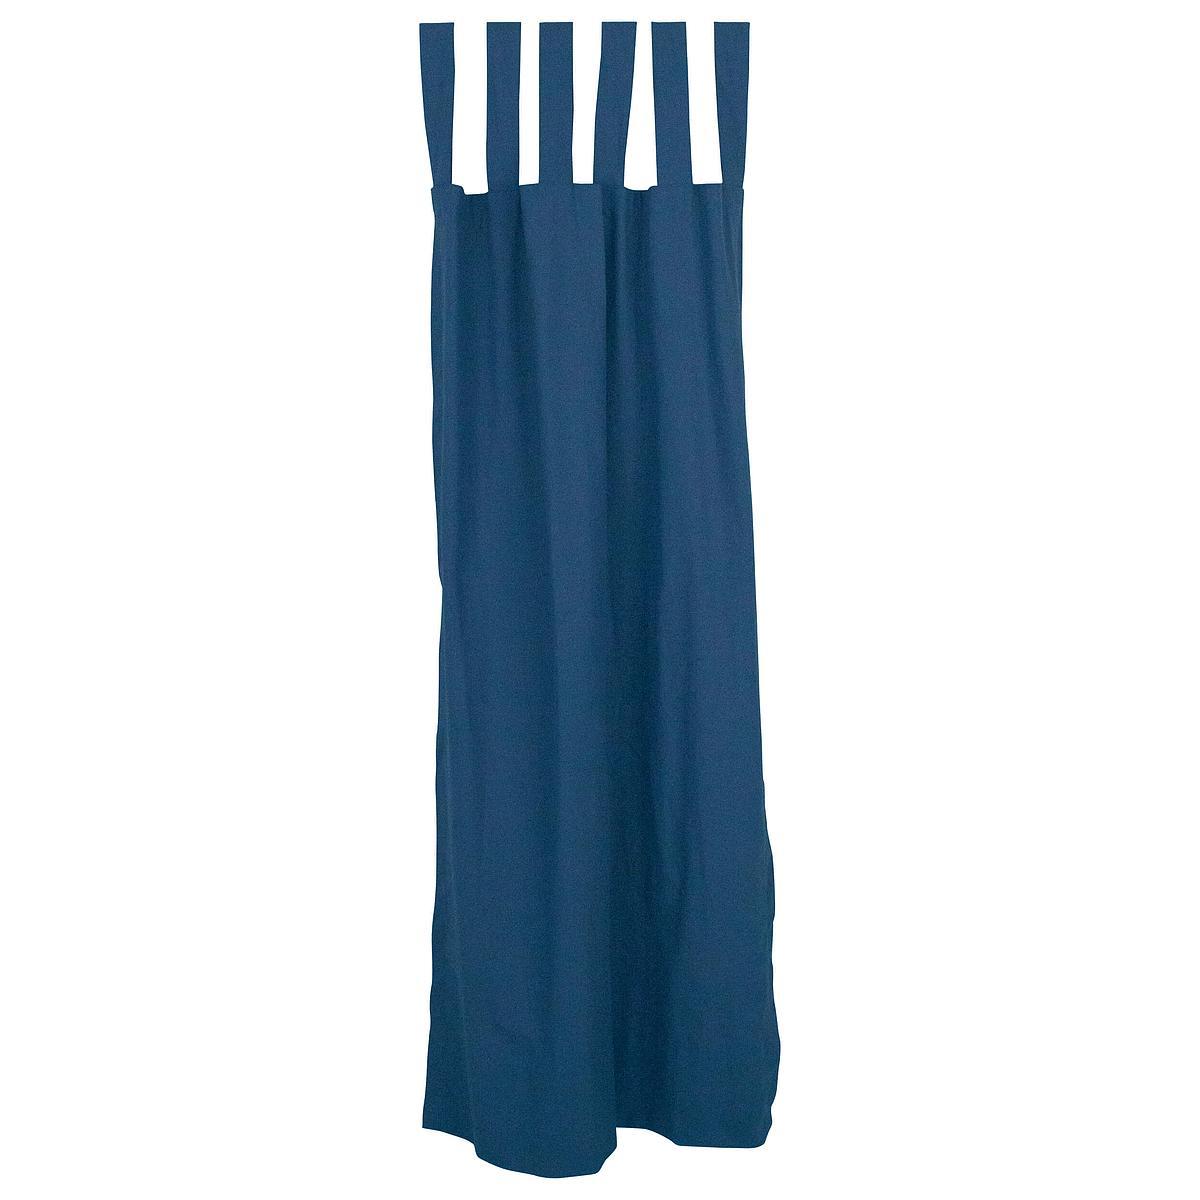 Vorhang DESTYLE Debreuyn dunkelblau